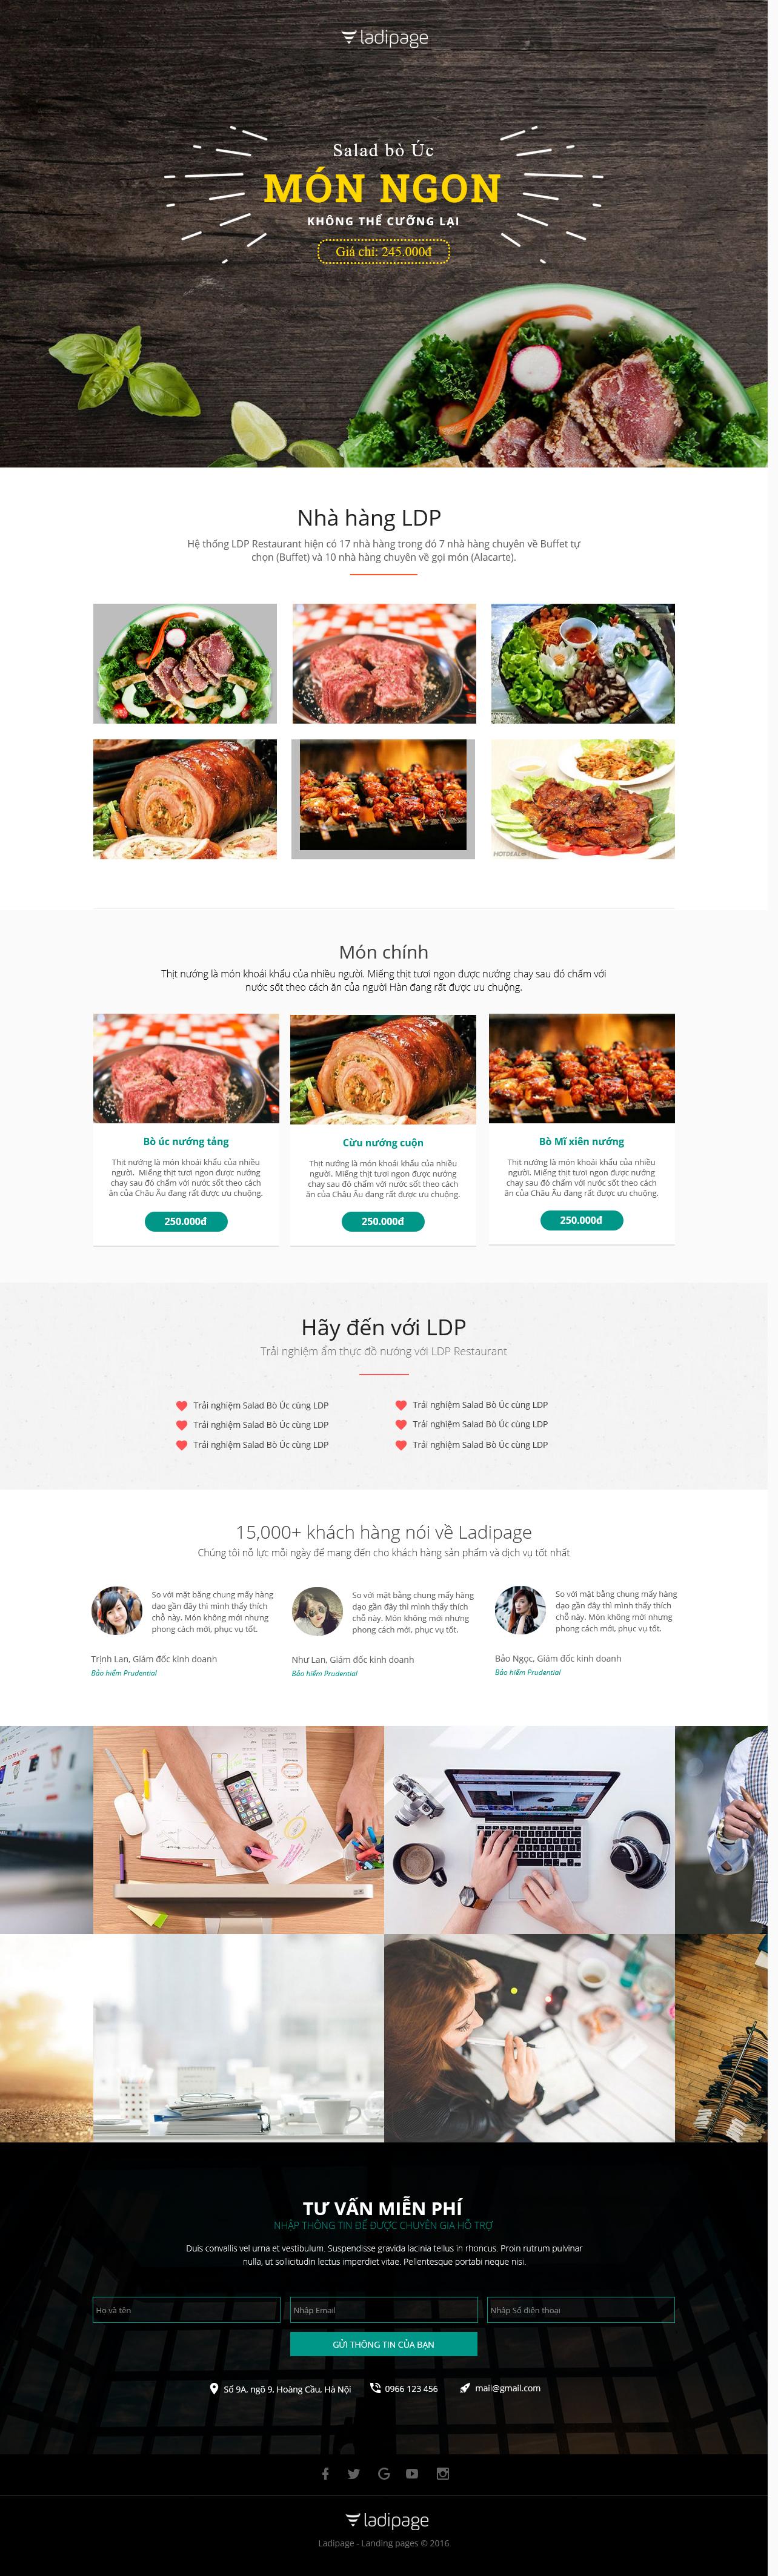 Thiết kế website Thiết kế webiste landingpage nha-hang---quan-an Nhà hàng - Quán ăn 02